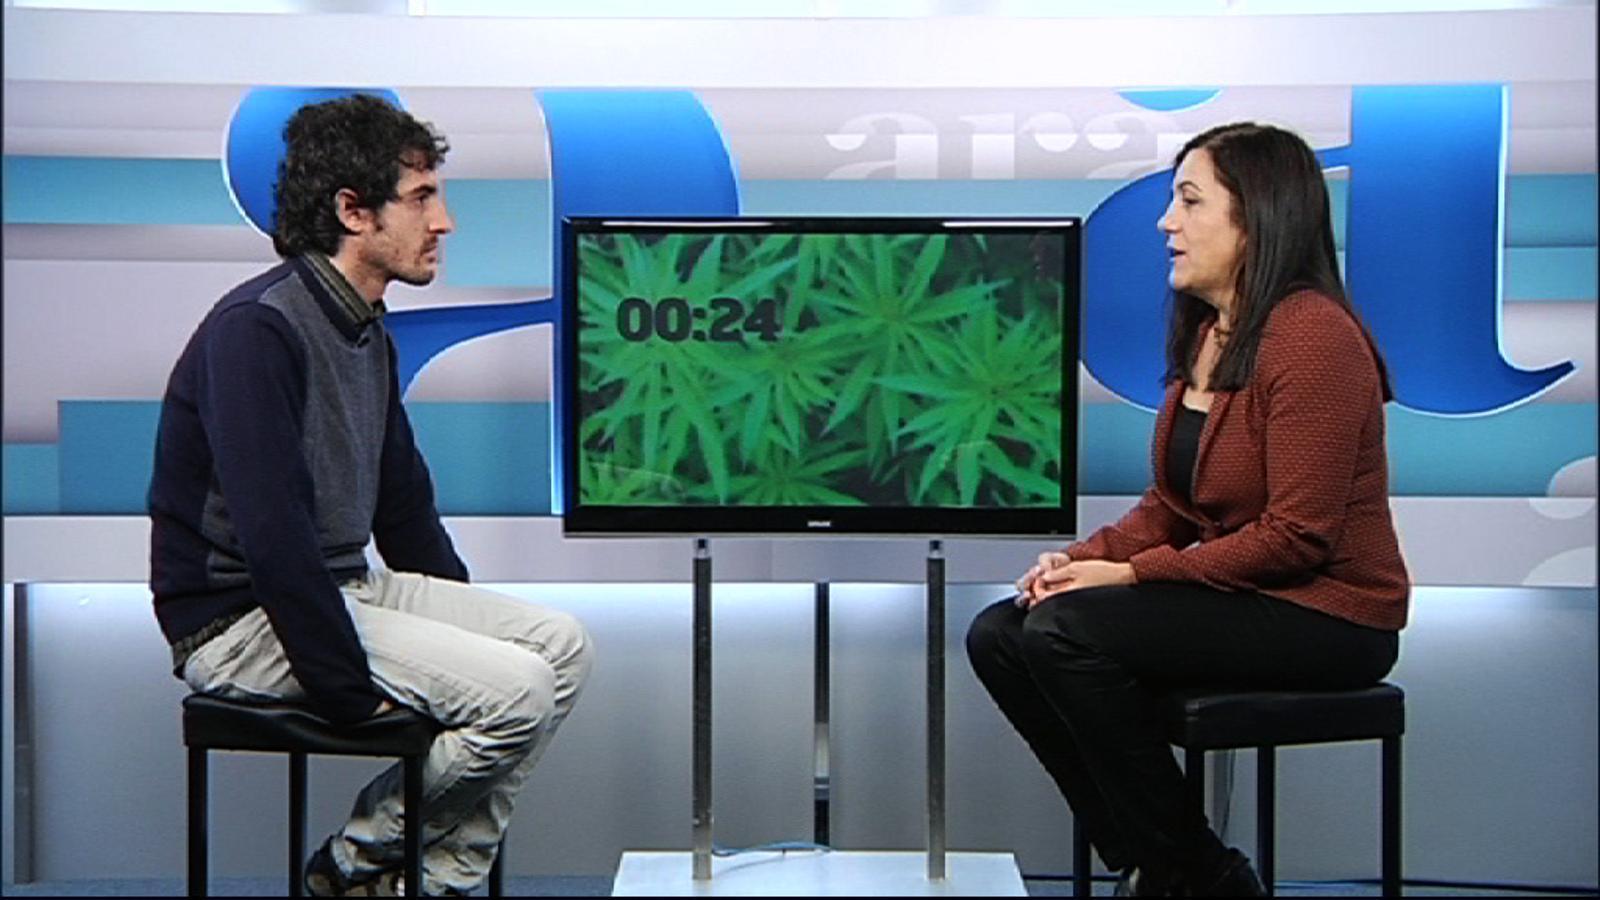 Cara a cara: legalització del cànnabis, sí o no? La perspectiva mèdica i la del consumidor